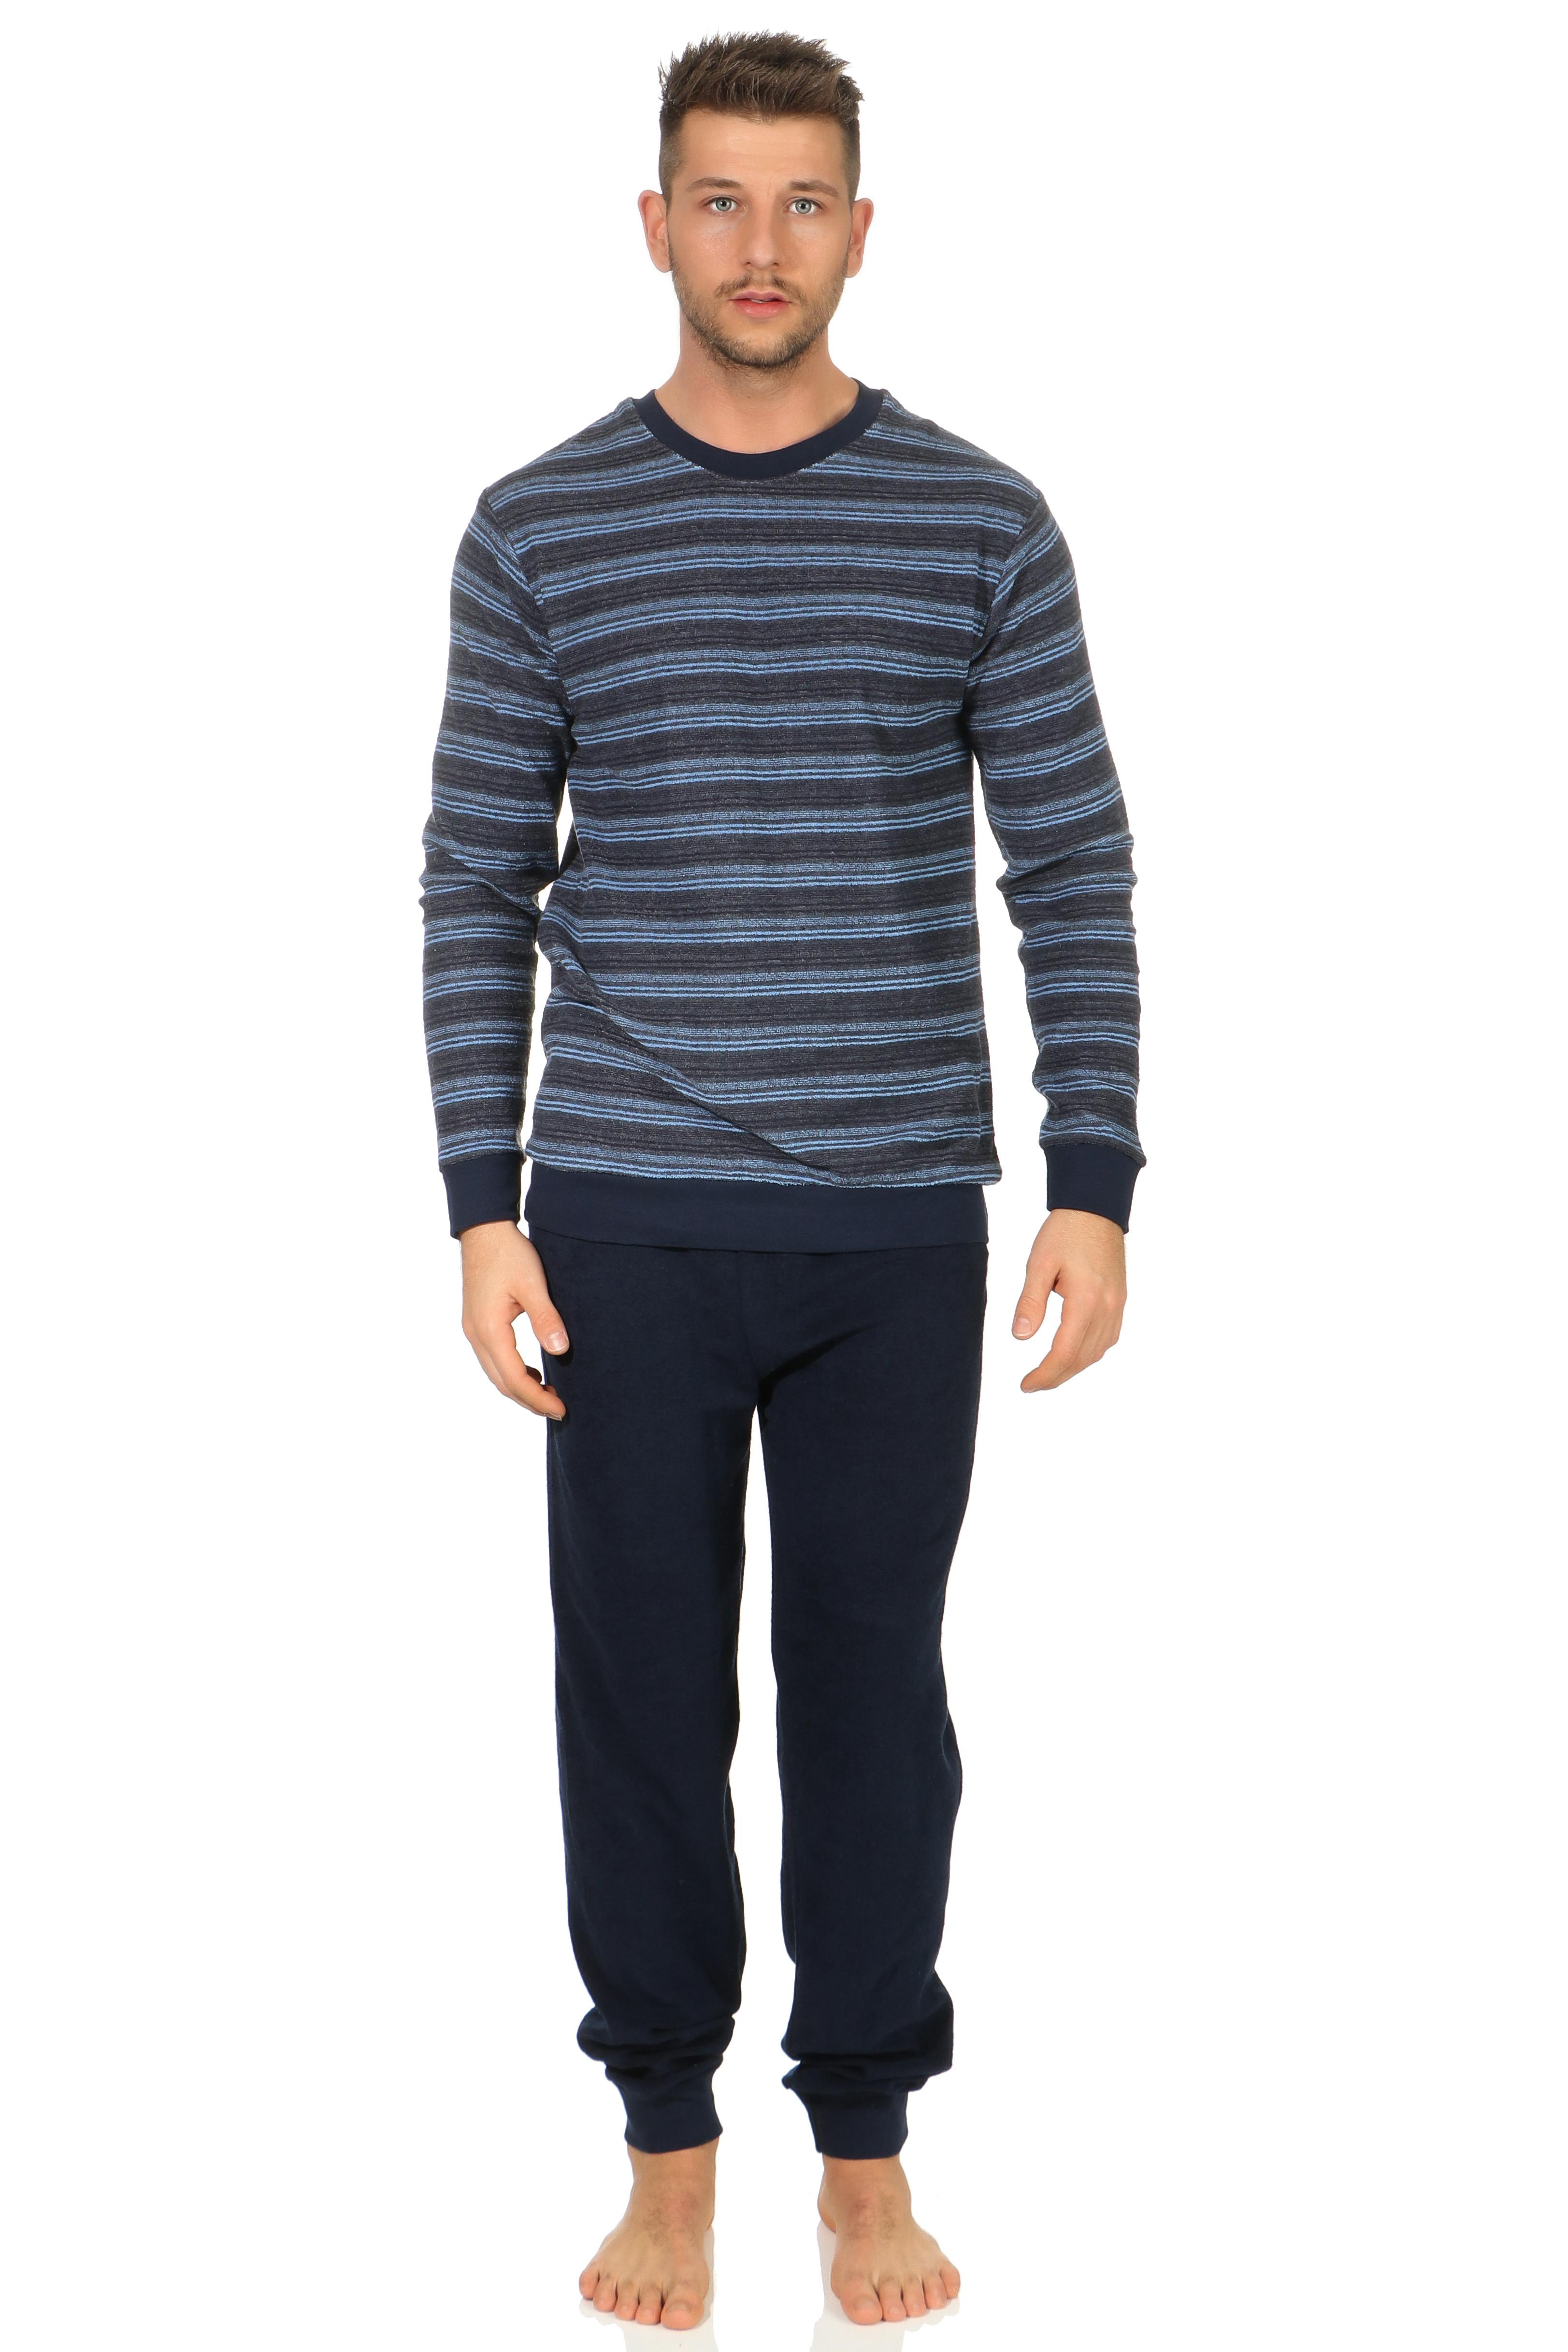 Normann badstof pyjama Trend 67206-58-Grijs